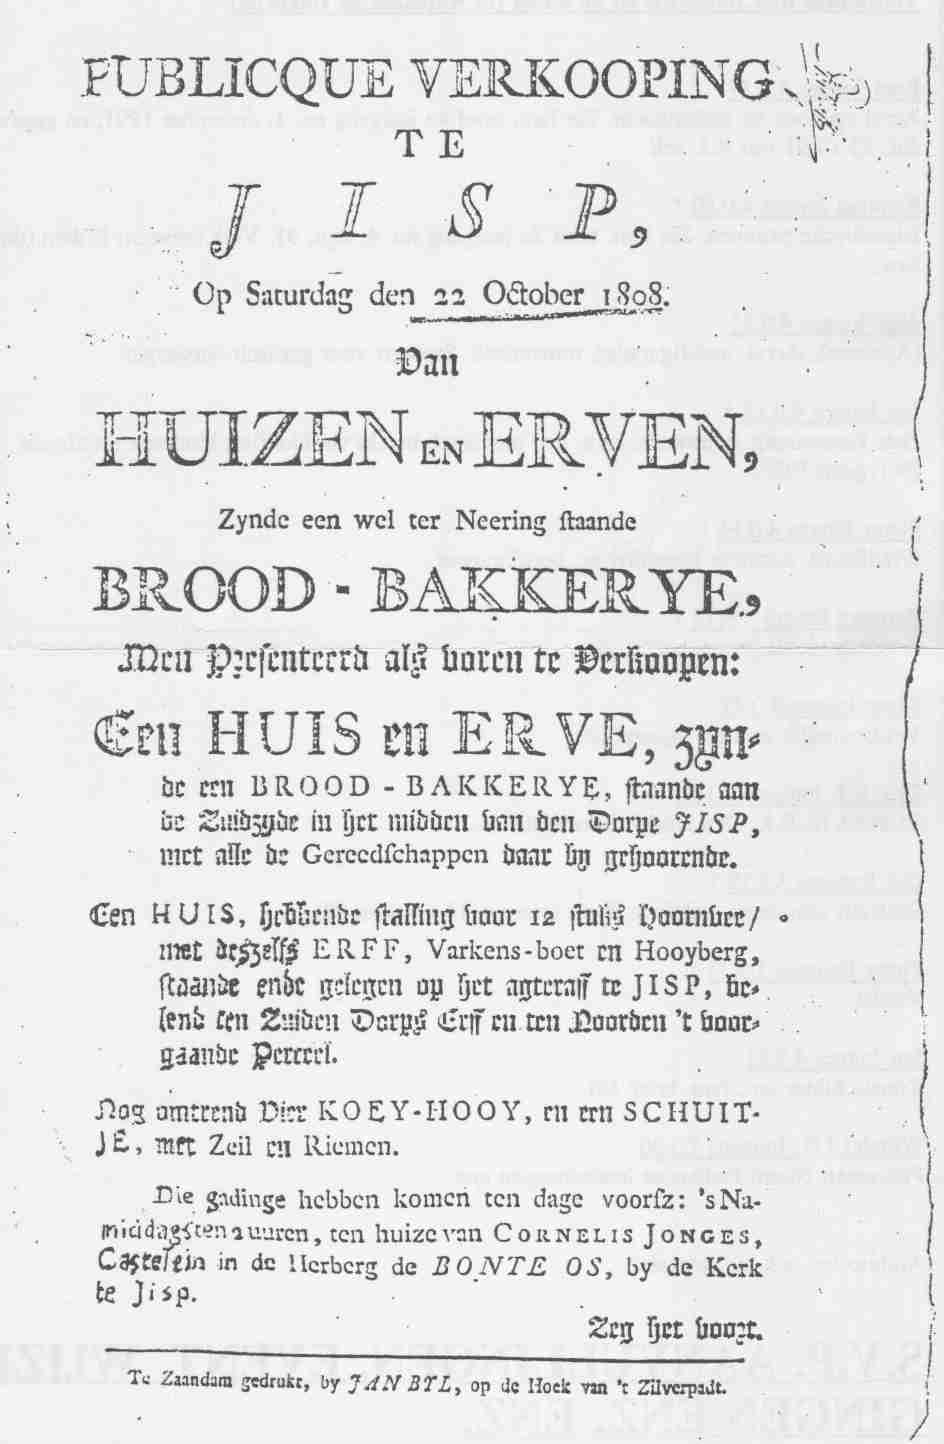 Publieke verkoping in herberg van Cornelis Jonges 1.0.29